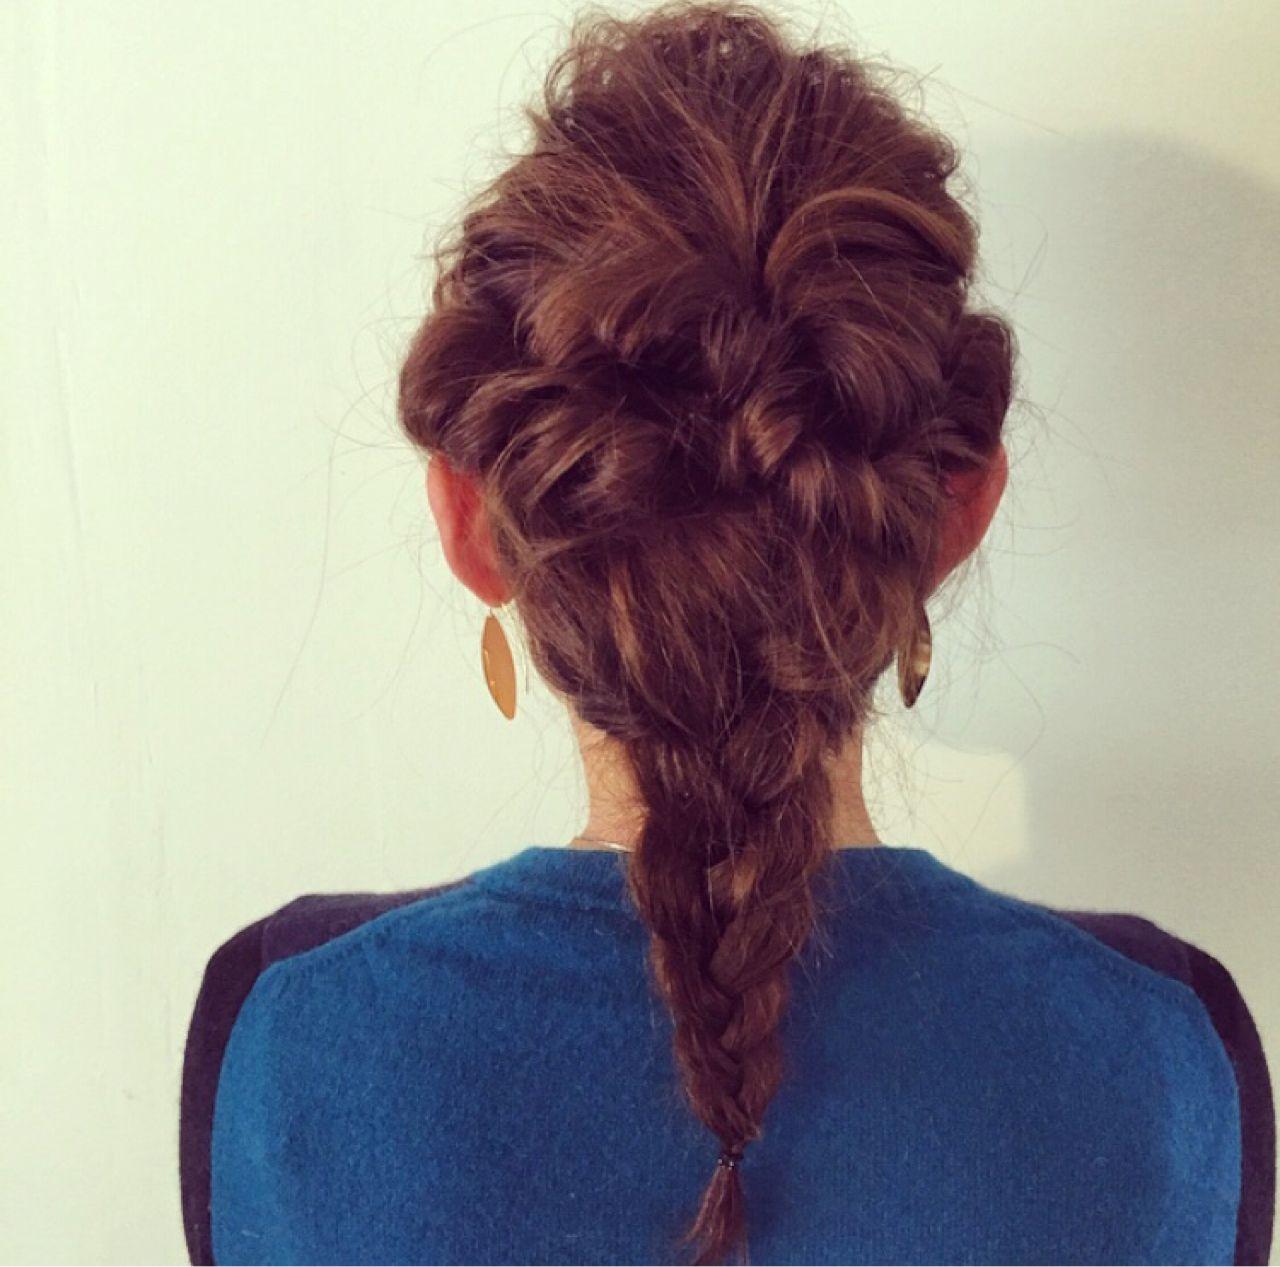 ミディアム くるりんぱ コンサバ 三つ編み ヘアスタイルや髪型の写真・画像